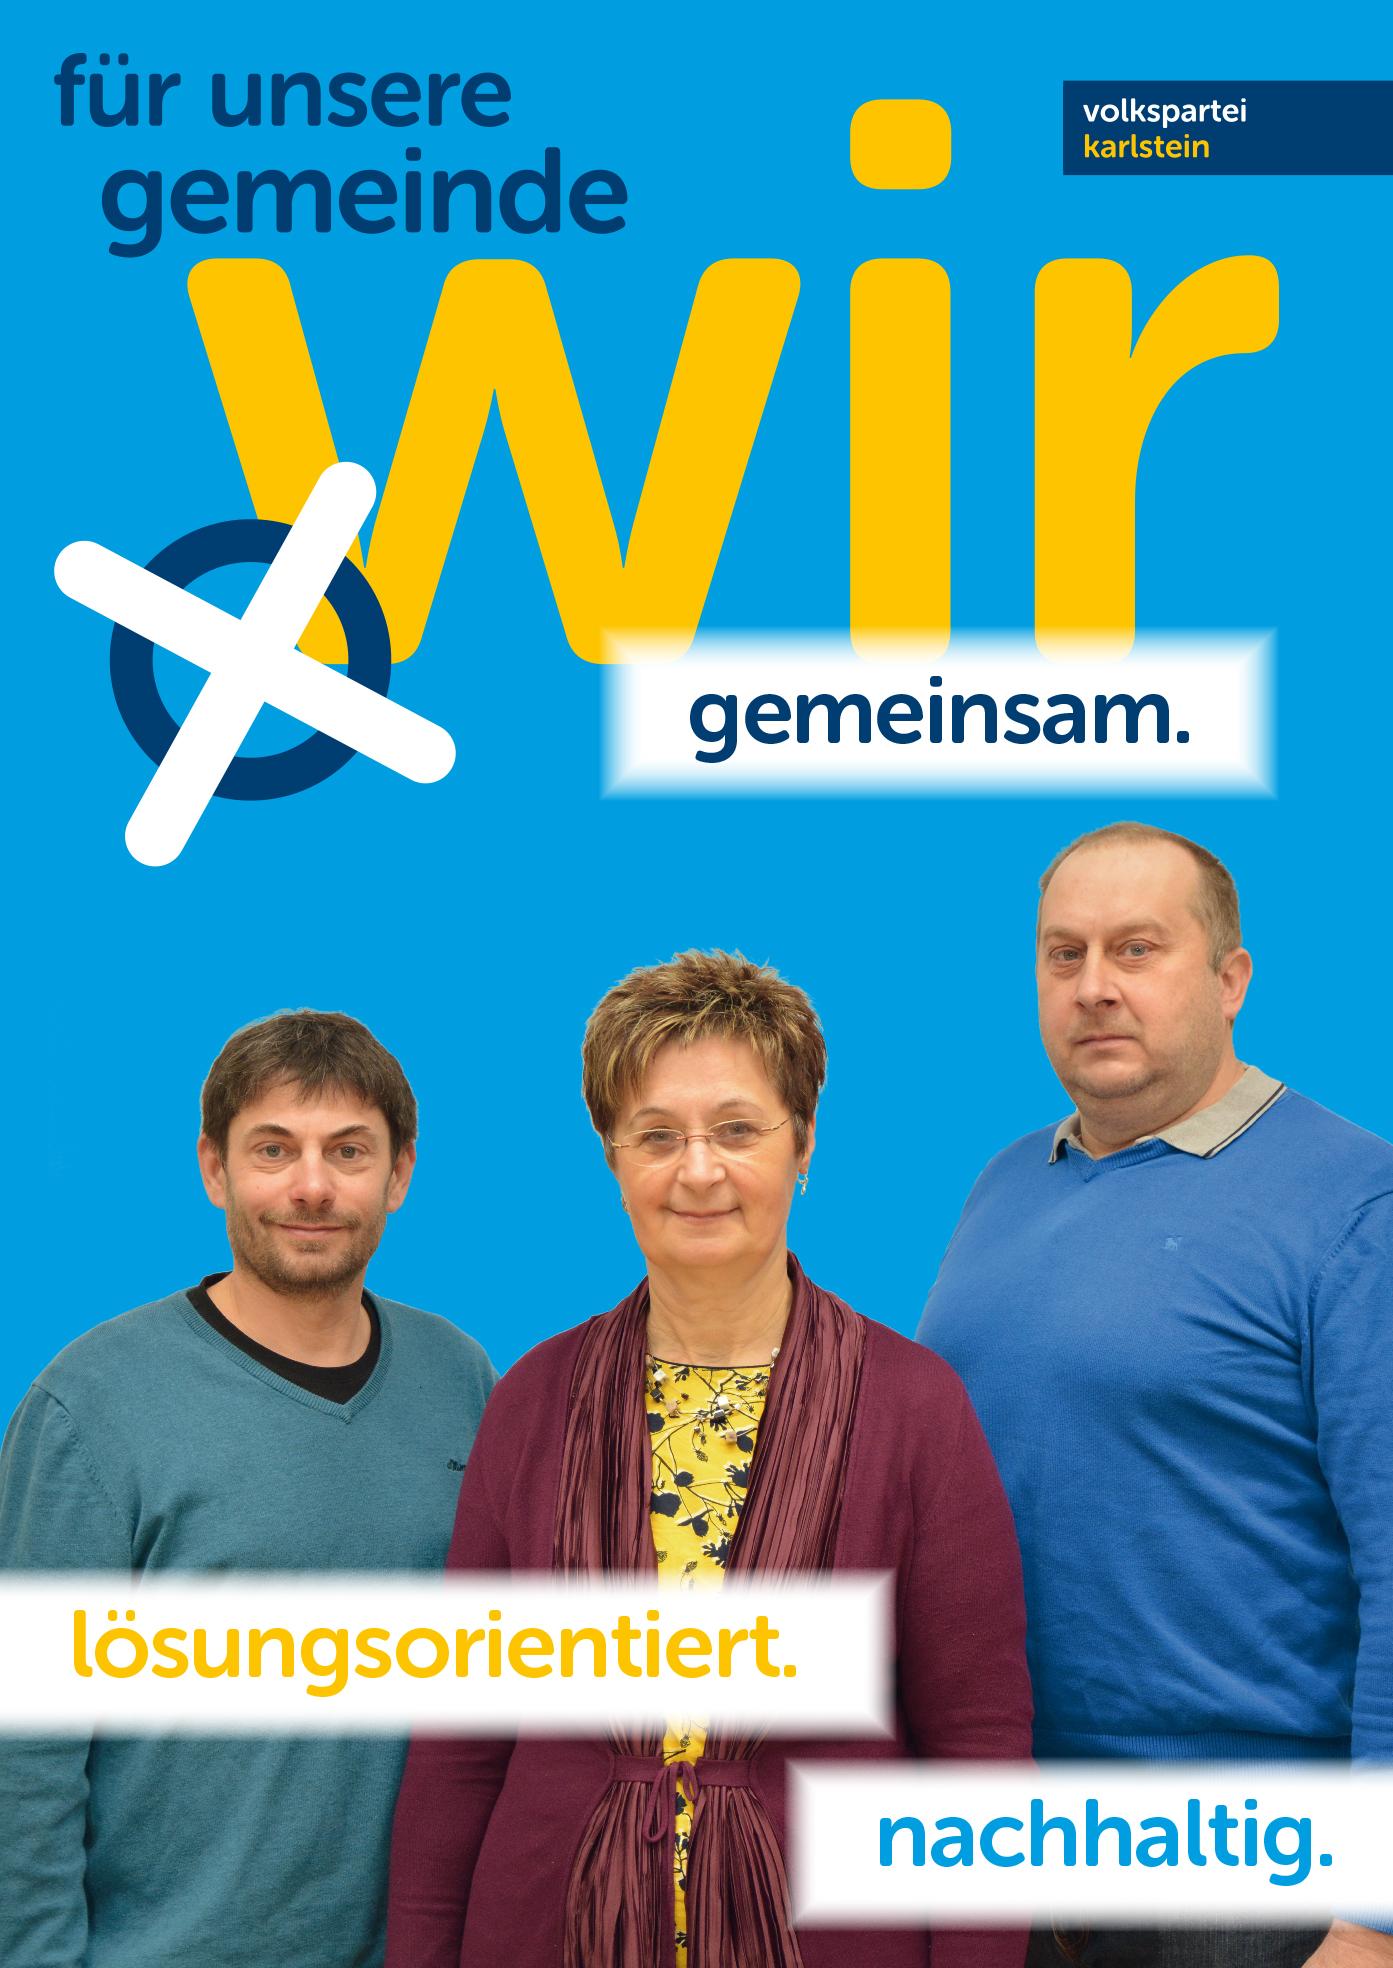 A1 Plakat Kandidaten Goschenreith Eggers